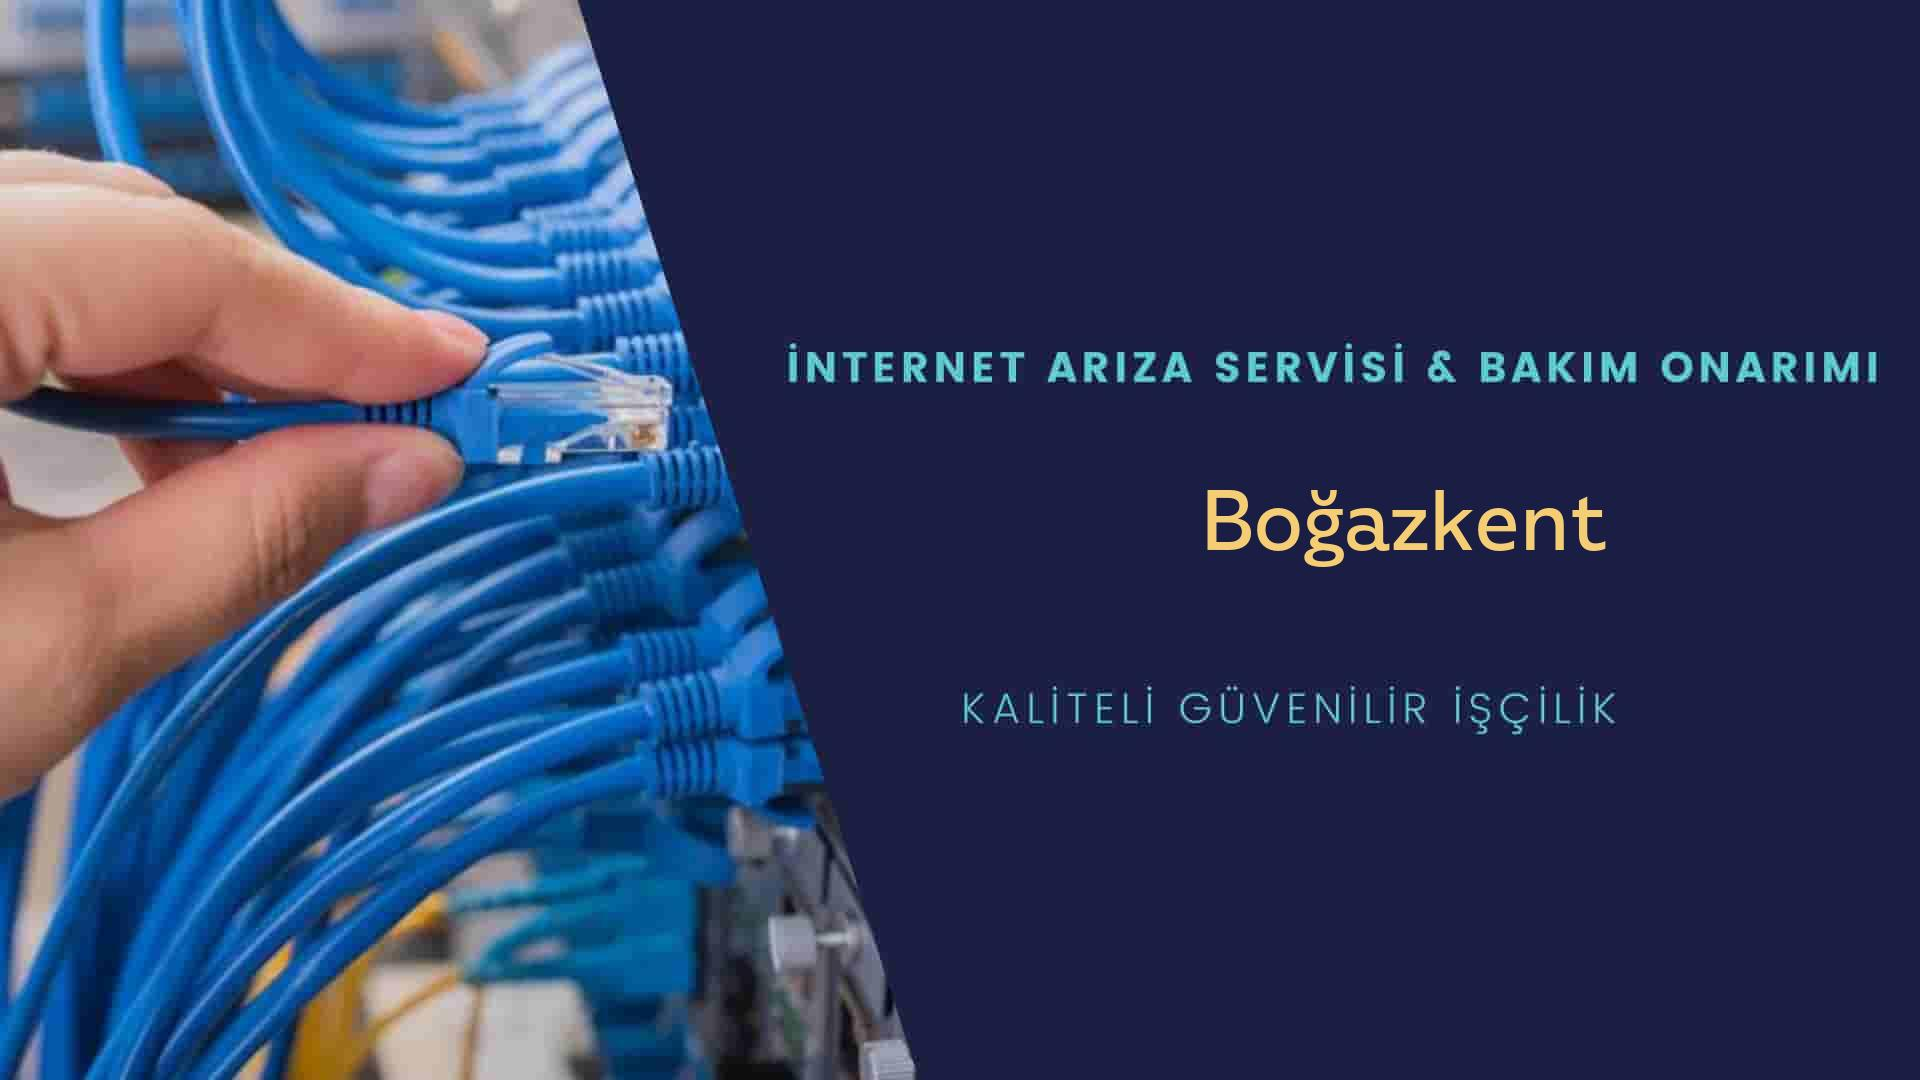 Boğazkent internet kablosu çekimi yapan yerler veya elektrikçiler mi? arıyorsunuz doğru yerdesiniz o zaman sizlere 7/24 yardımcı olacak profesyonel ustalarımız bir telefon kadar yakındır size.